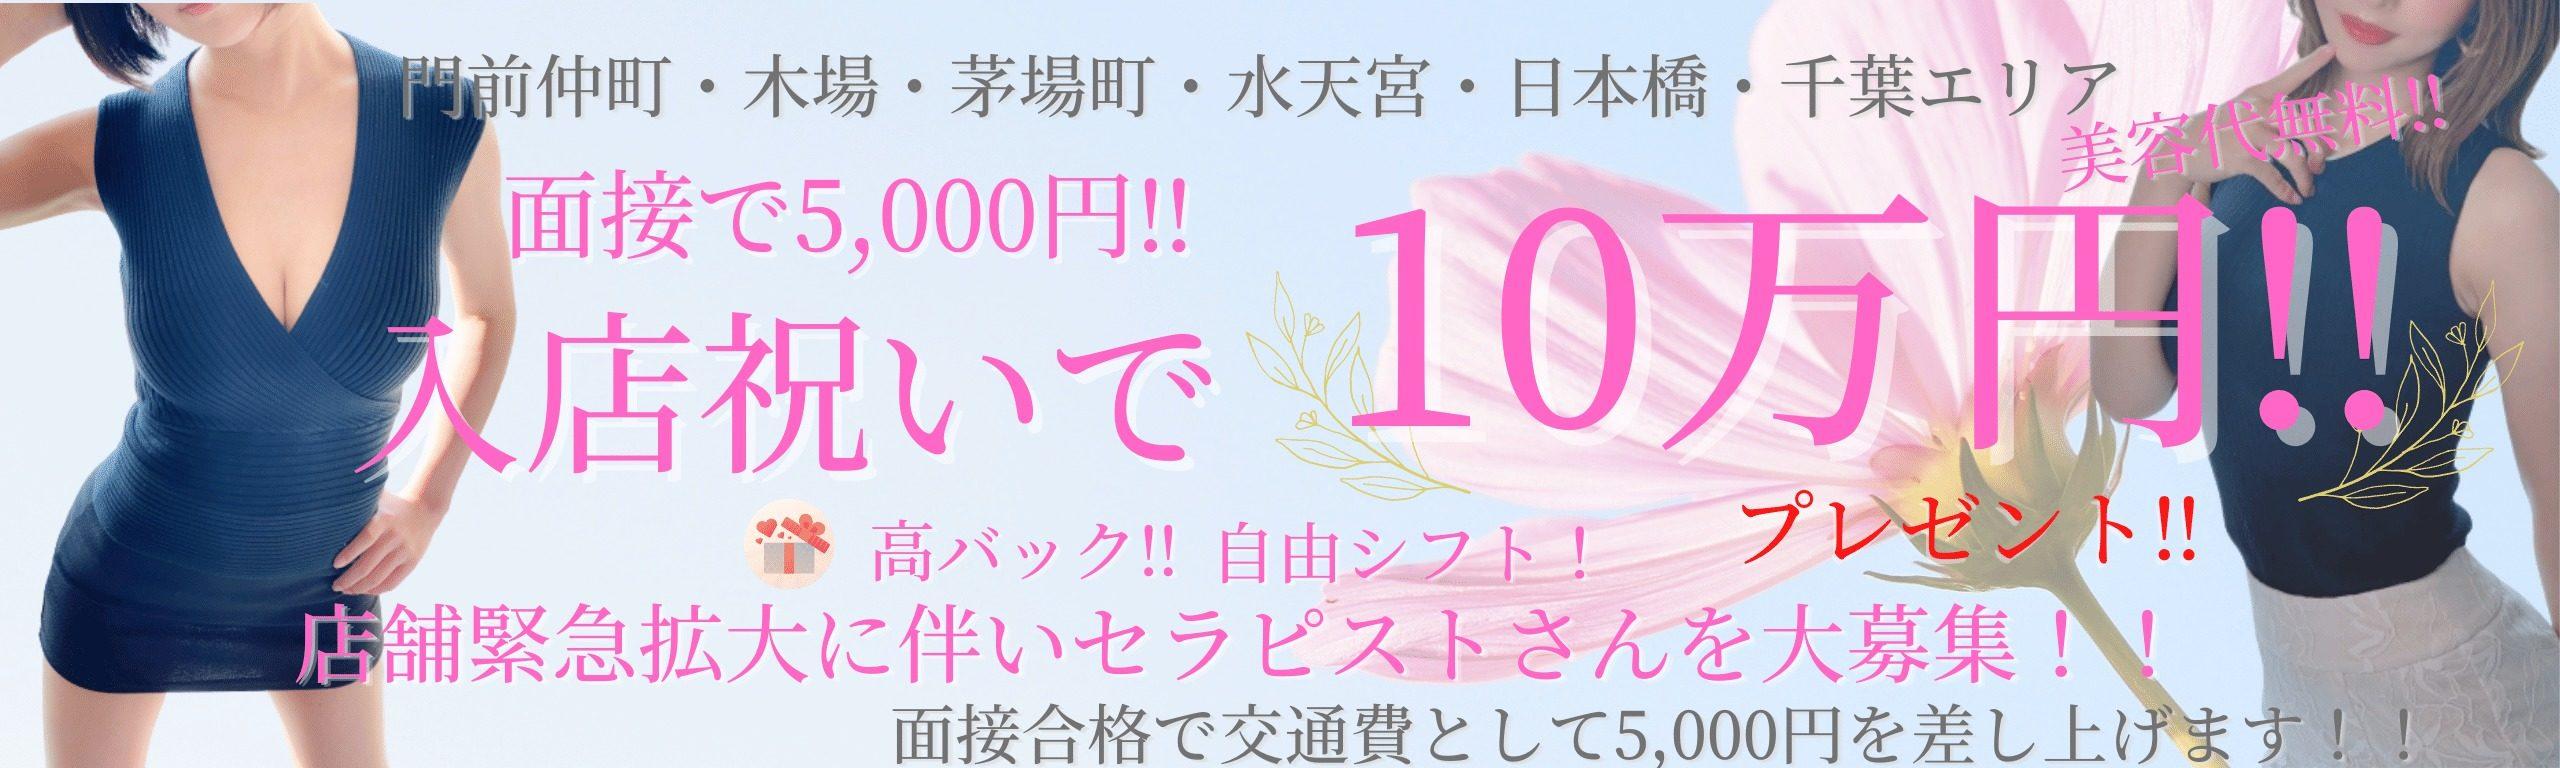 10万円‼︎ (1)